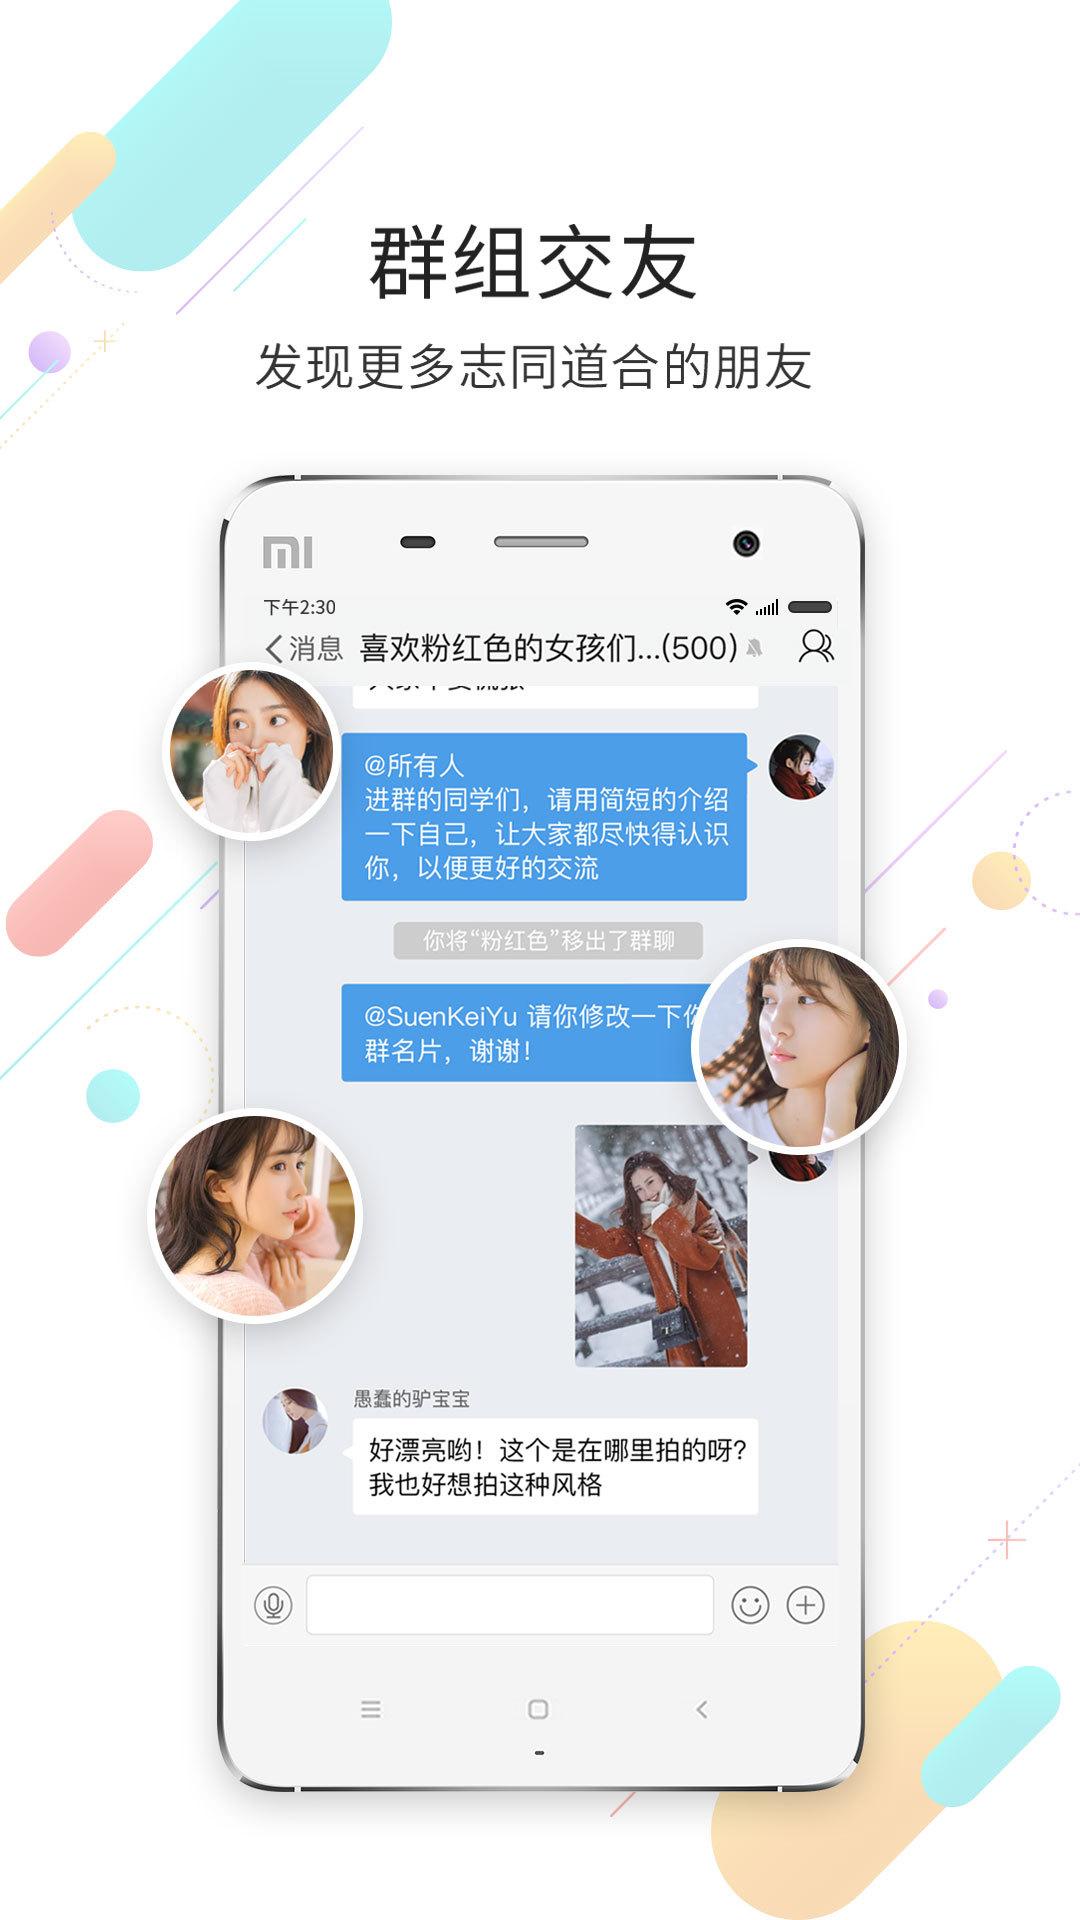 化龙巷手机版下载(暂未上线)